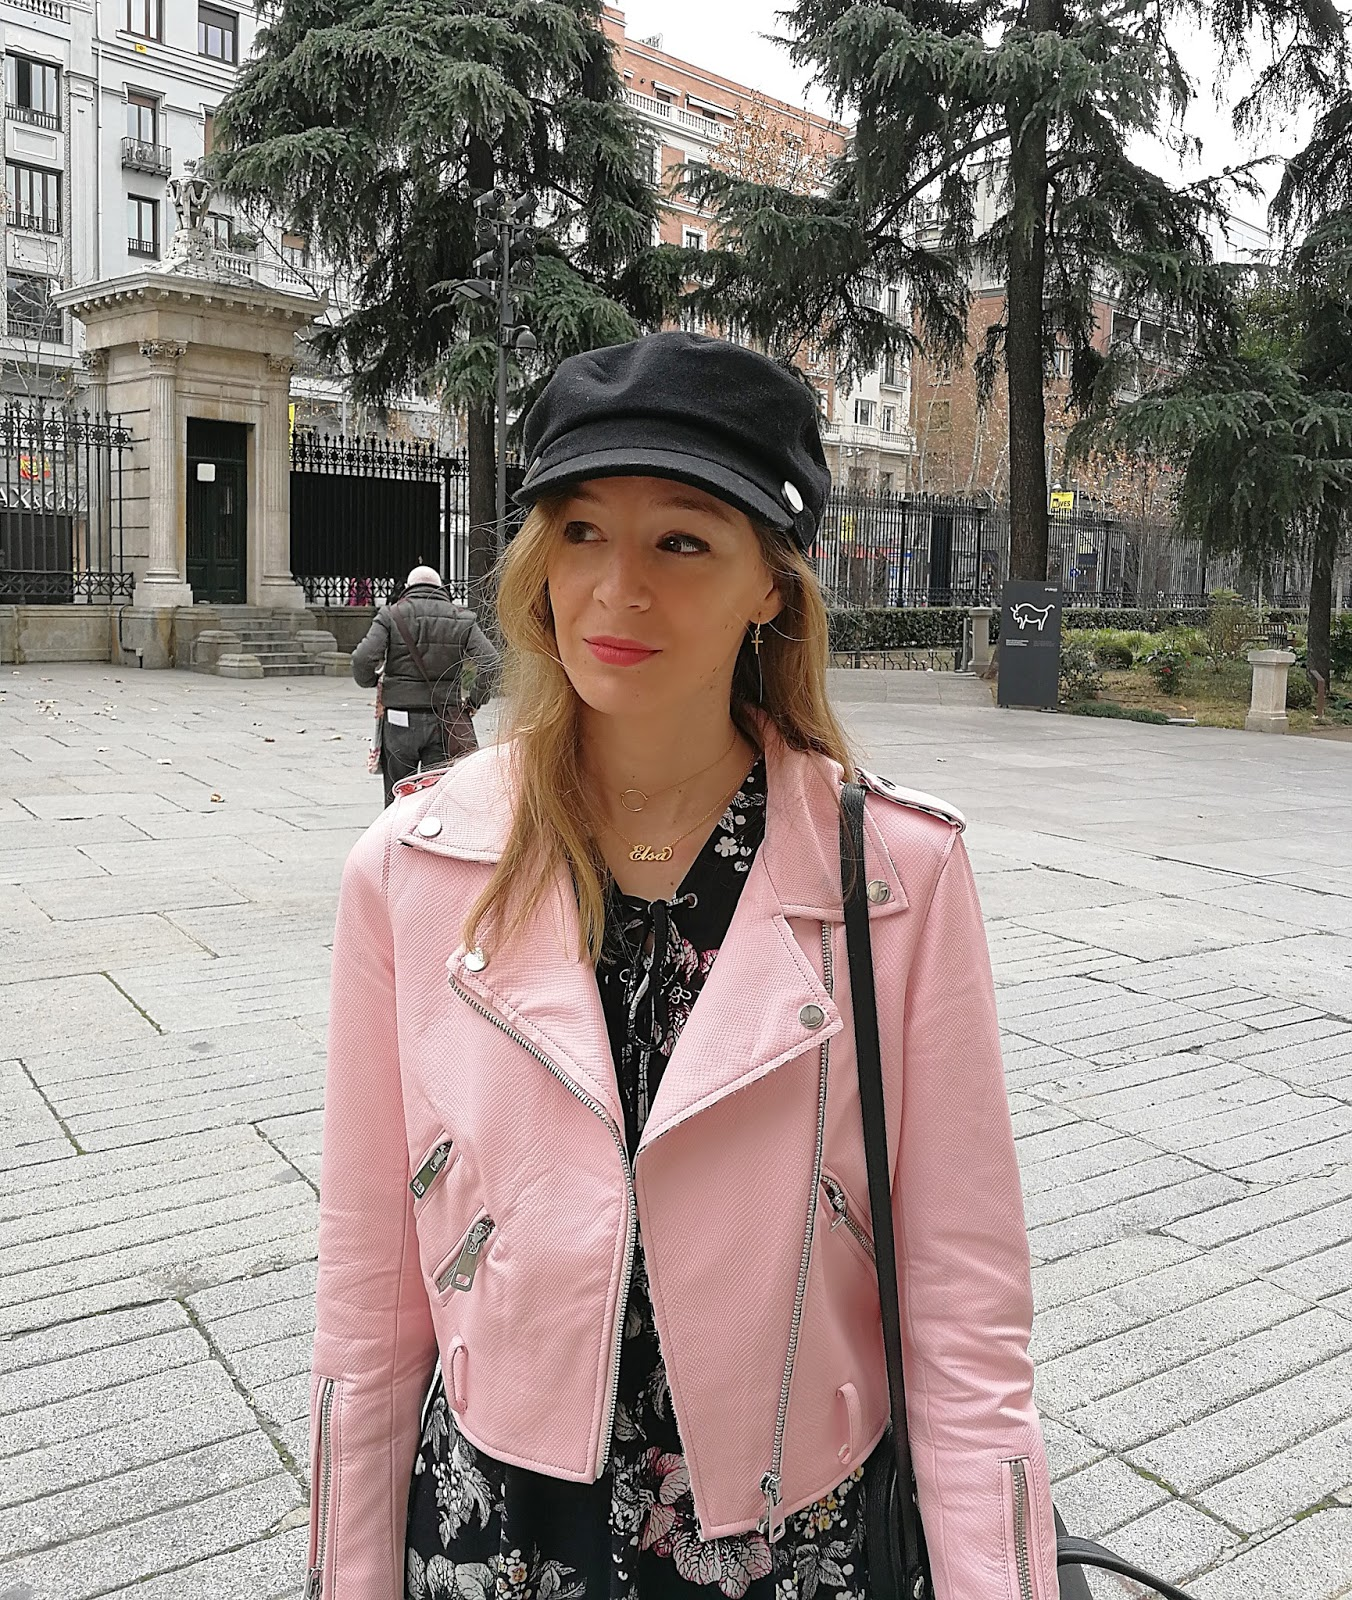 floral-skater-dress-pink-millenial-biker-zara-navy-cap-street-style